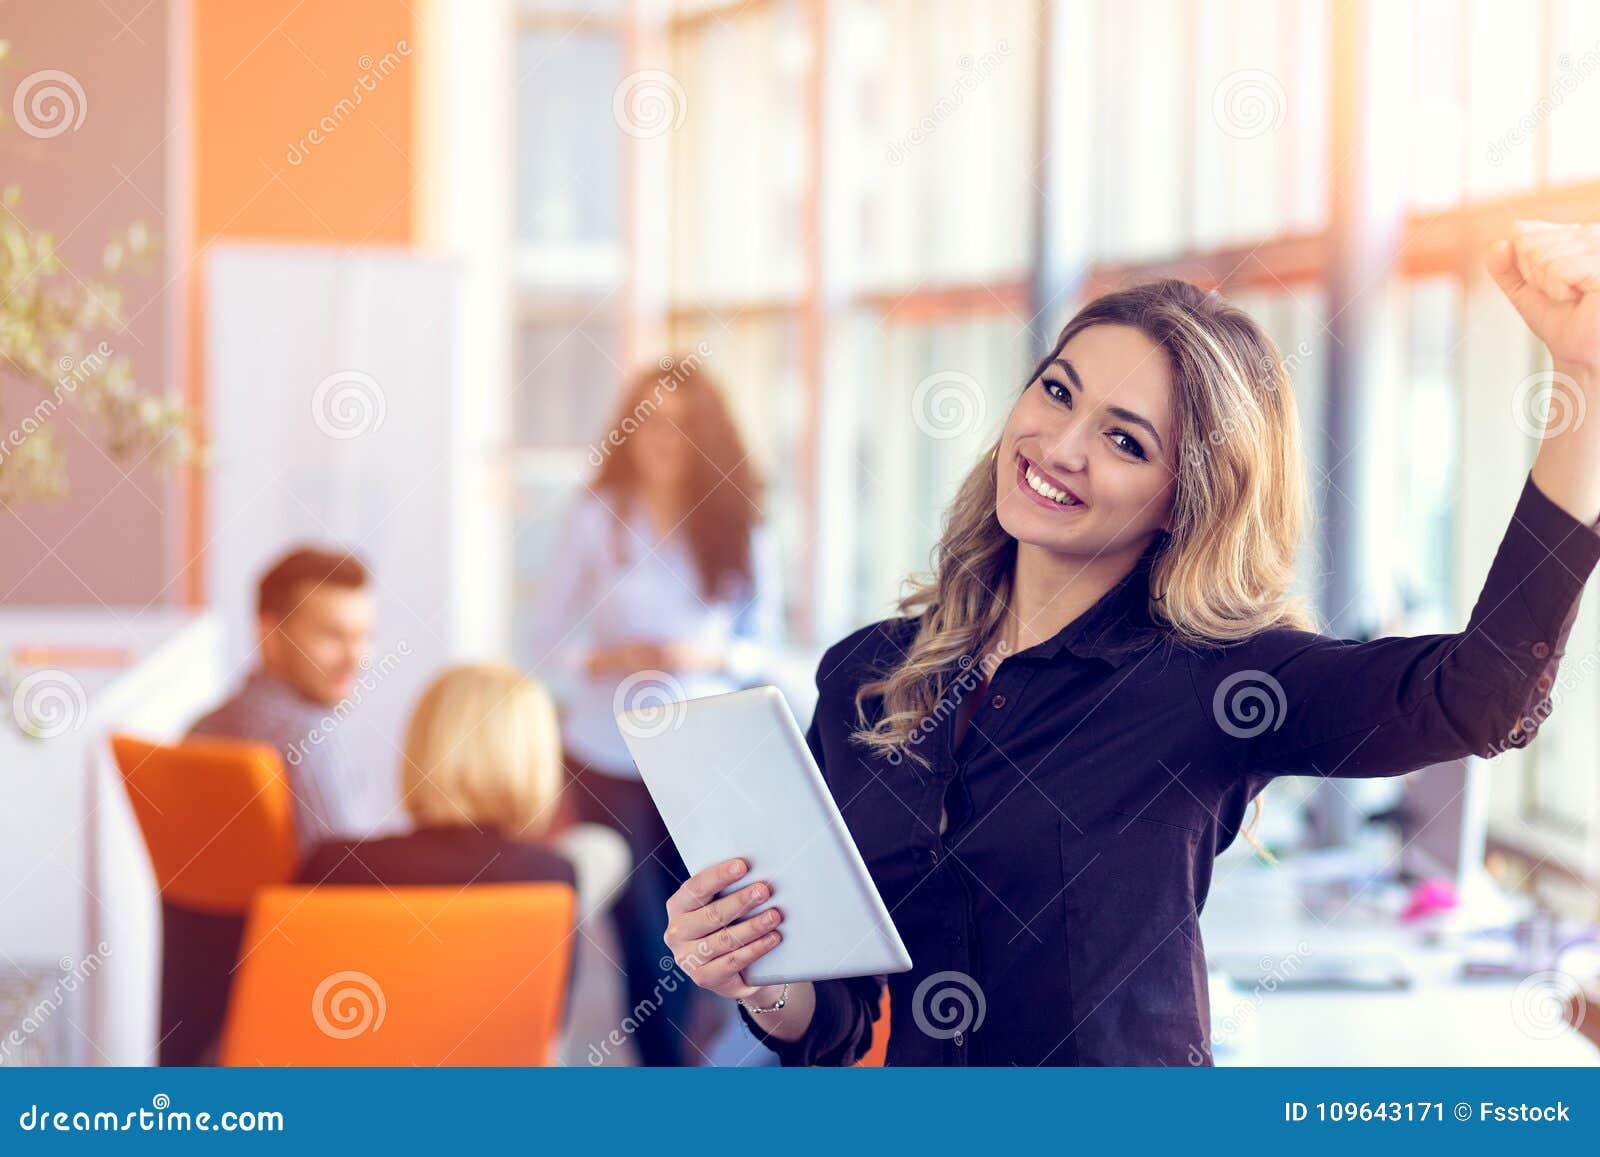 Sluit me aan bij een digitaal tijdperk Vrolijke jonge vrouw die digitale tablet houden terwijl zijn vrienden die aan achtergrond